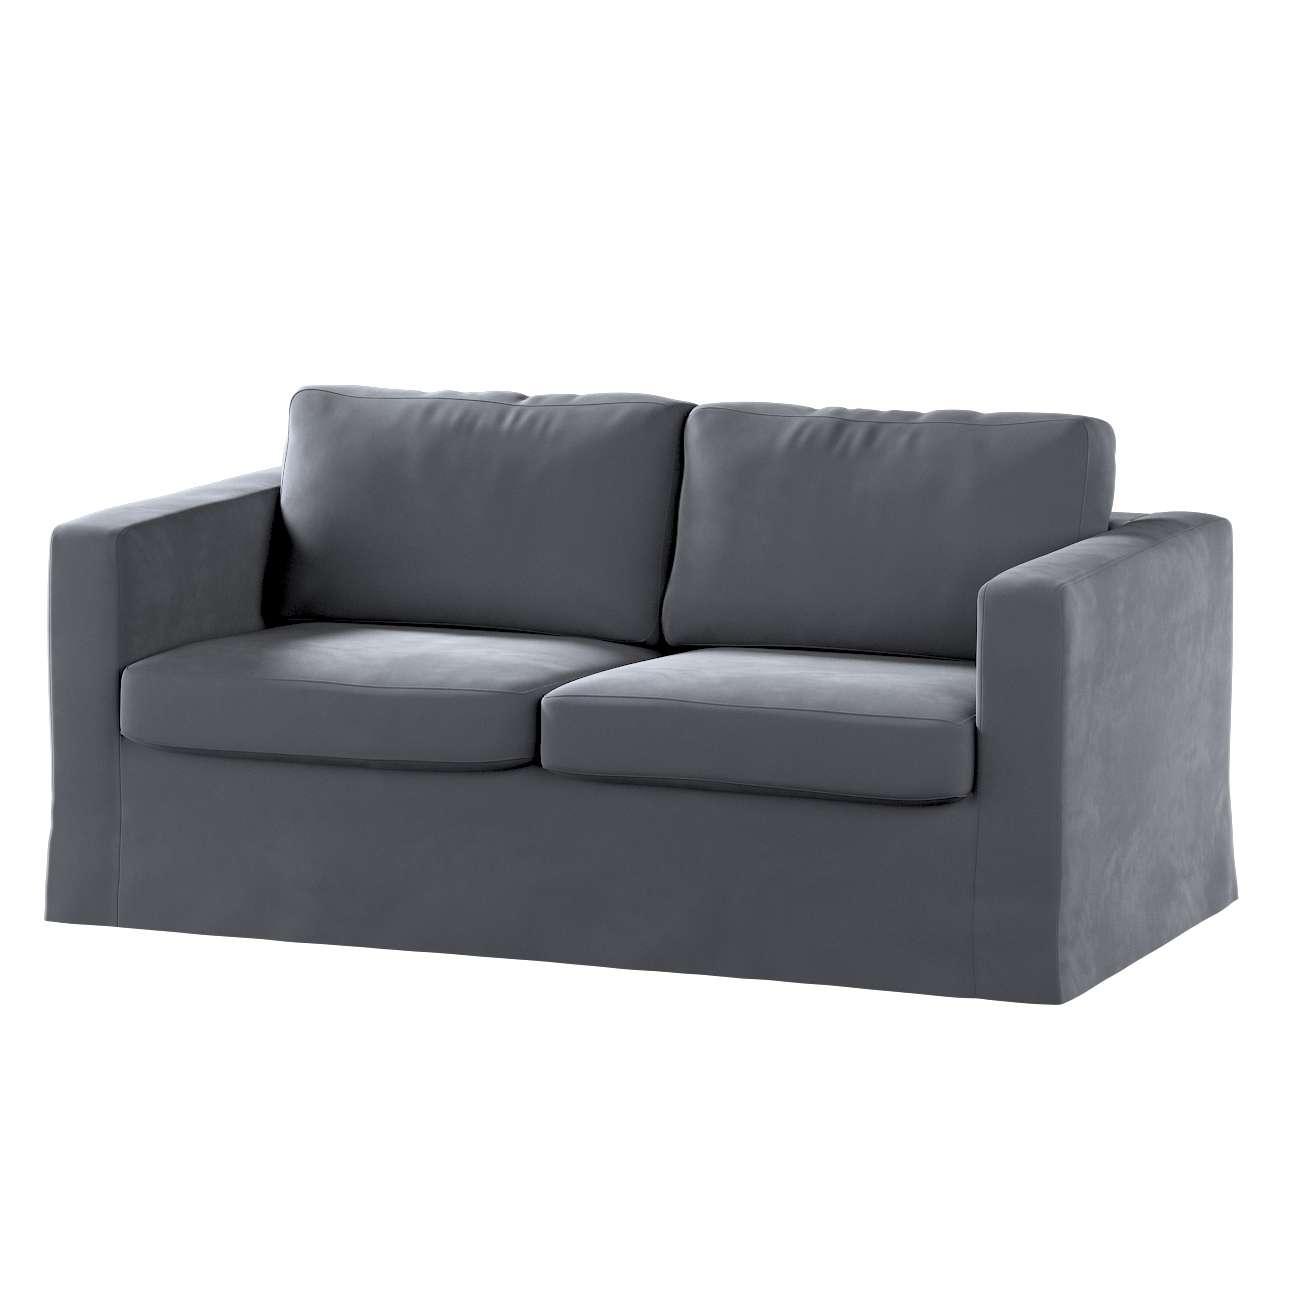 Pokrowiec na sofę Karlstad 2-osobową nierozkładaną długi w kolekcji Velvet, tkanina: 704-12